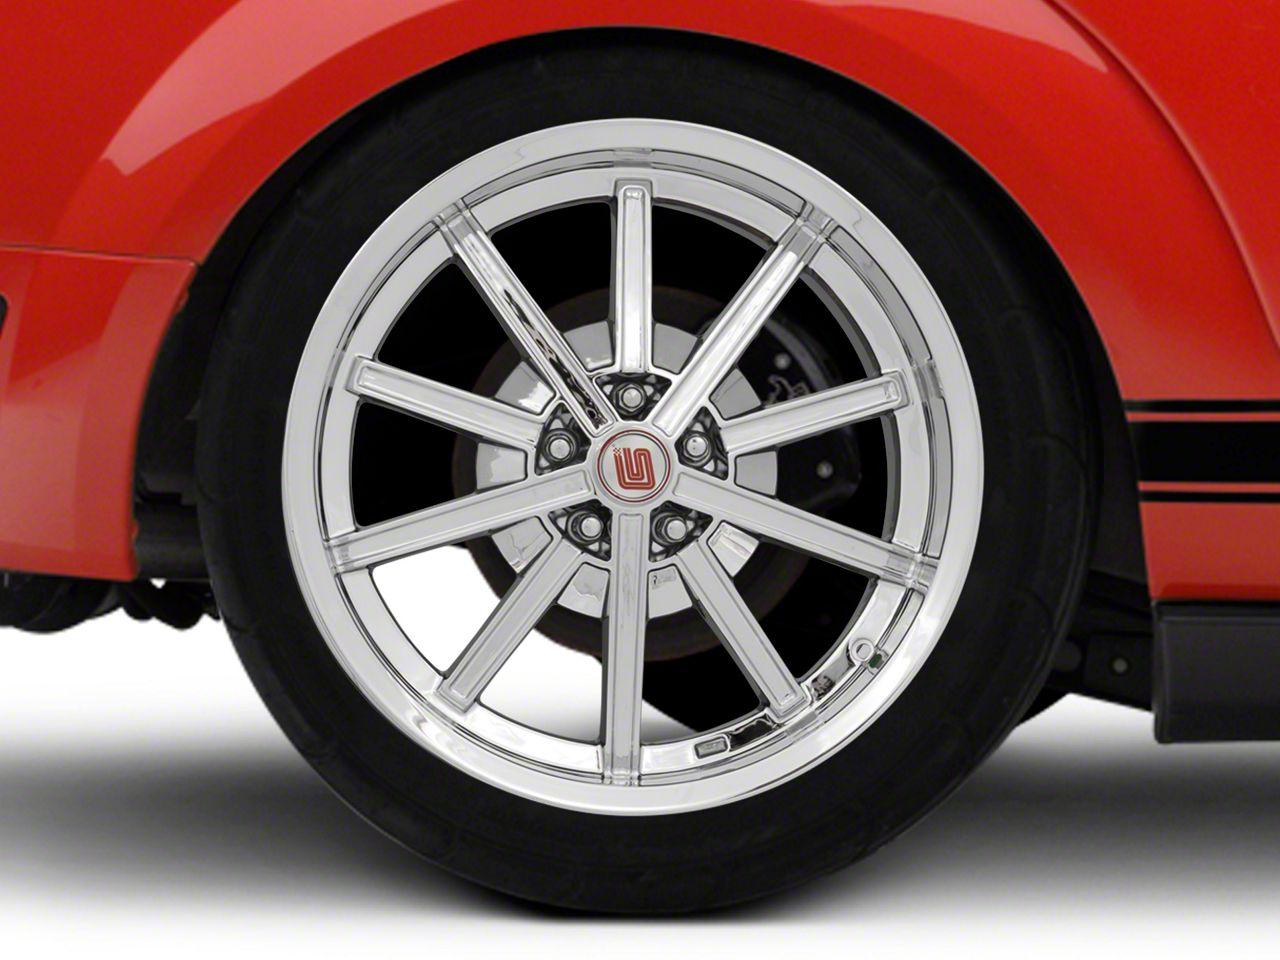 Shelby CS67 Chrome Wheel - 20x10 - Rear Only (05-14 All)